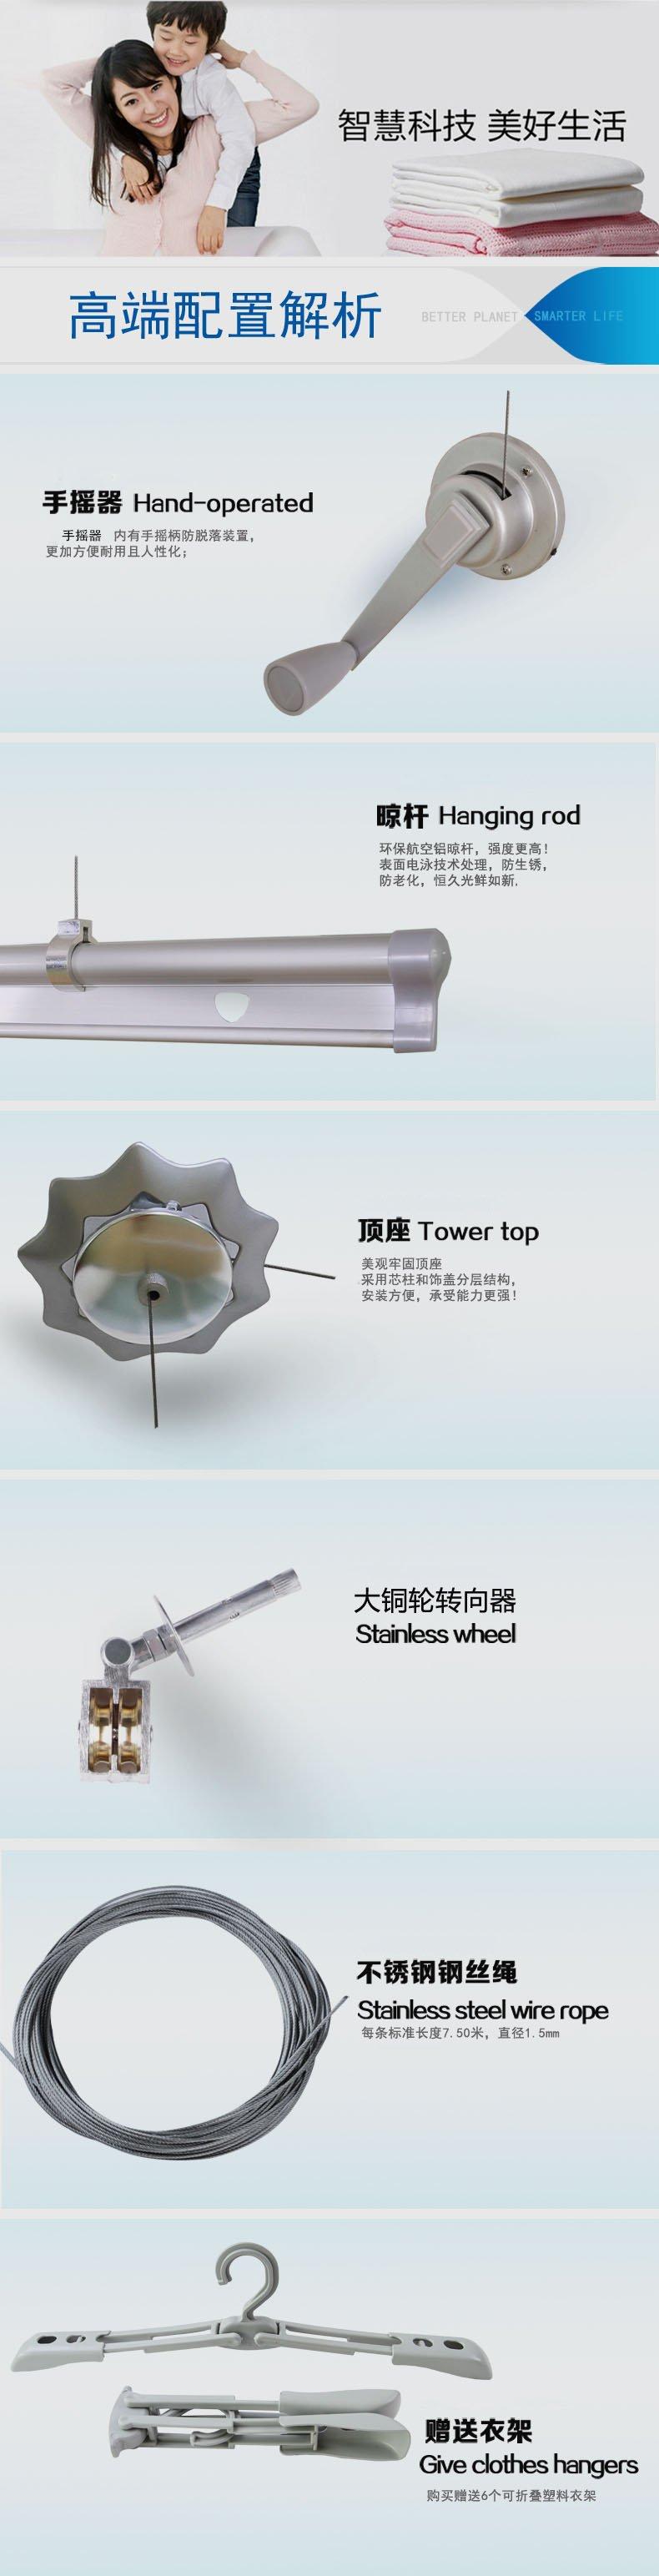 恋伊晾衣架 J10升降手摇晒衣架2.4米单杆阳台多功能晒被架晒衣架效果图